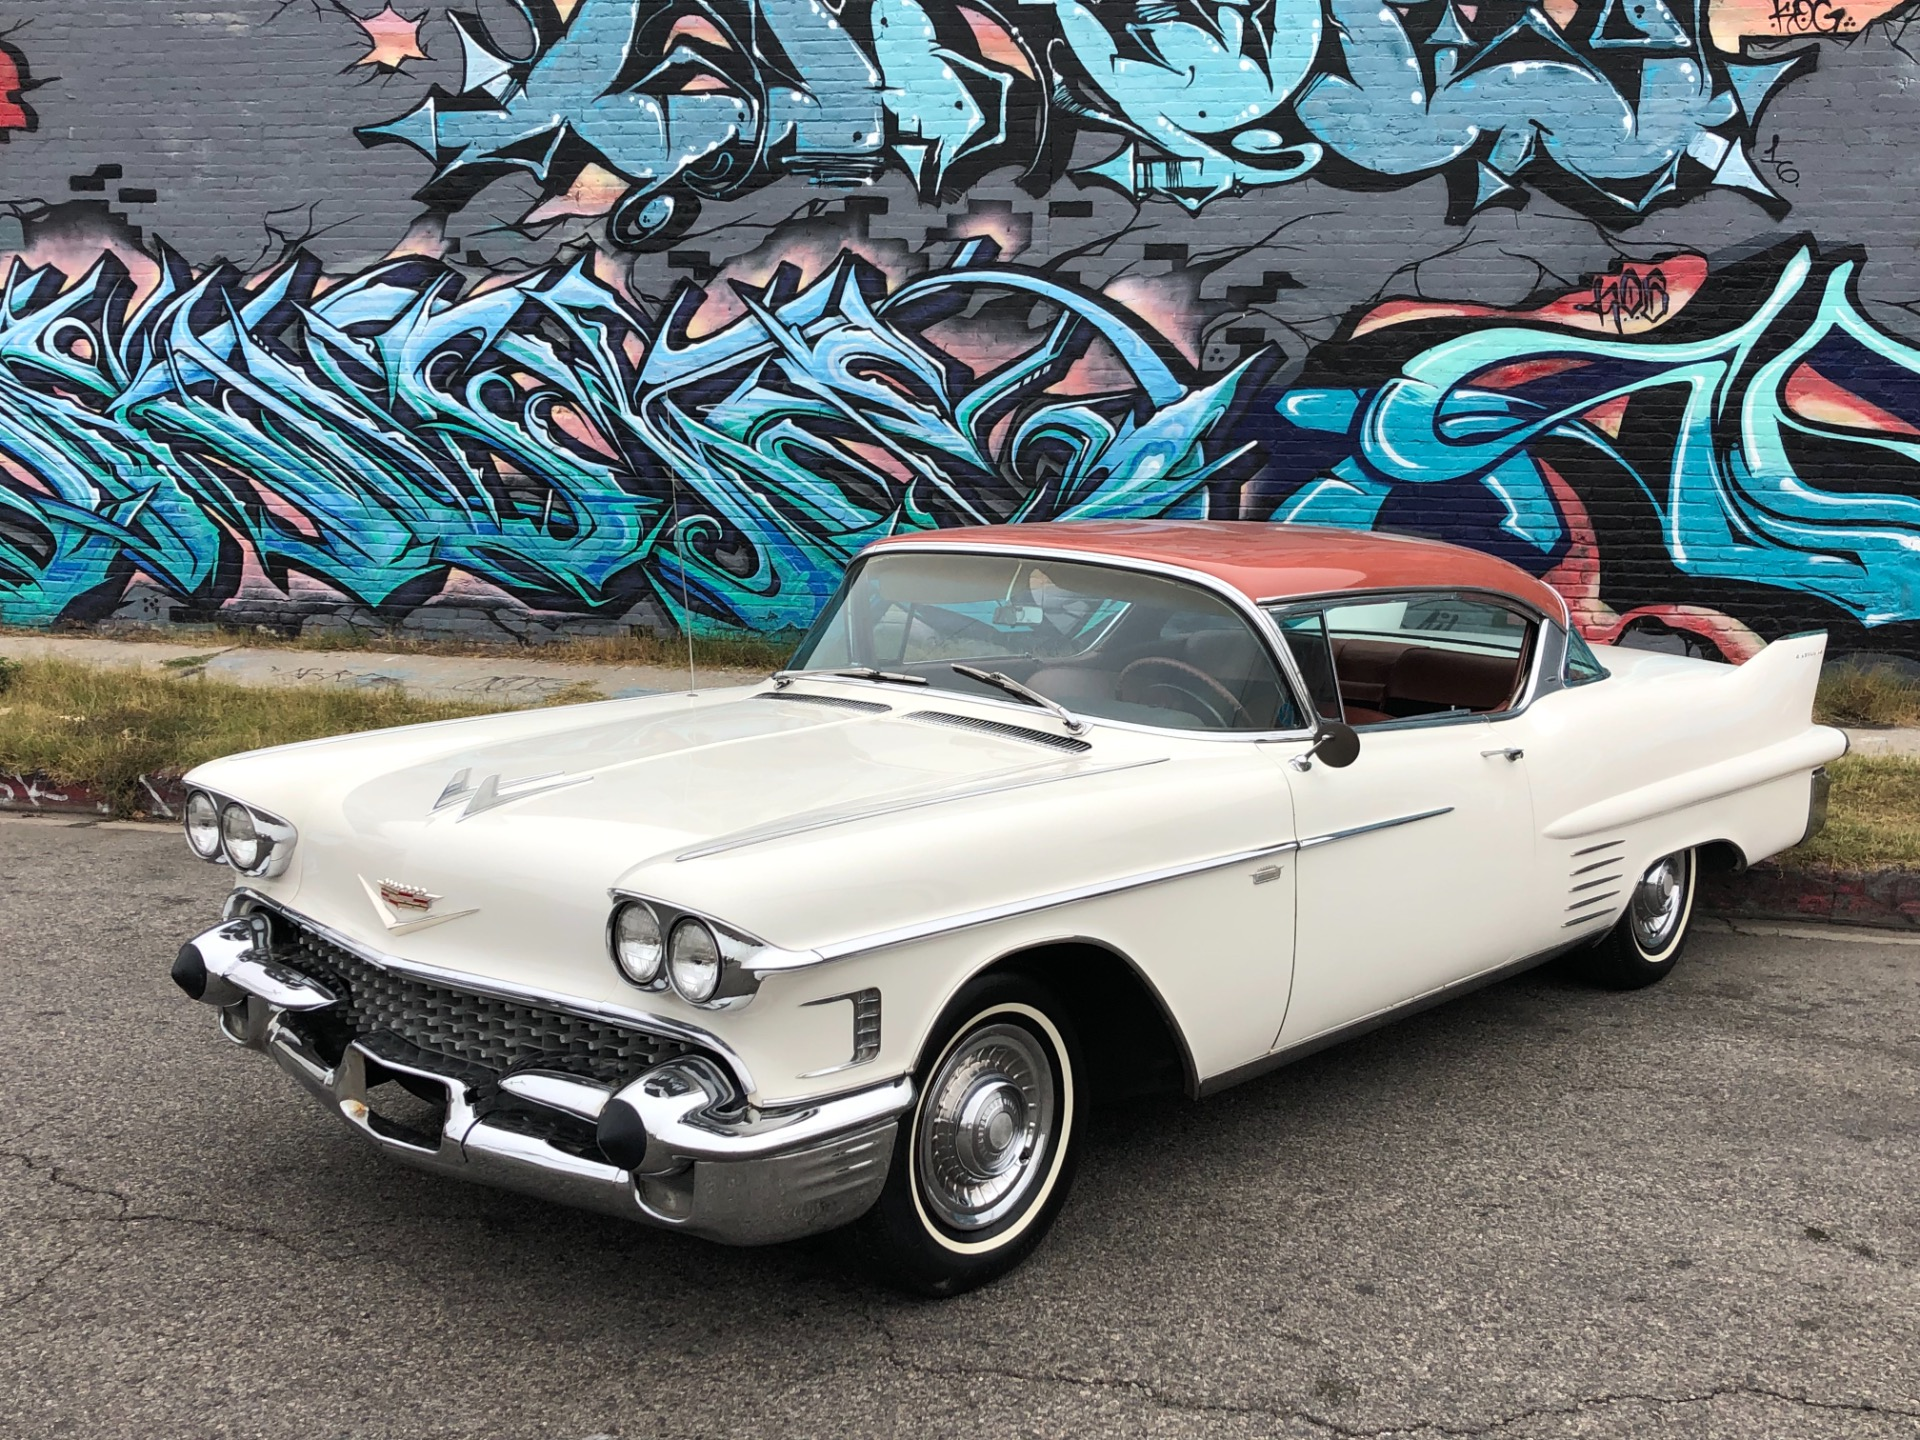 Used 1958 Cadillac Series 62 2 Door Hardtop